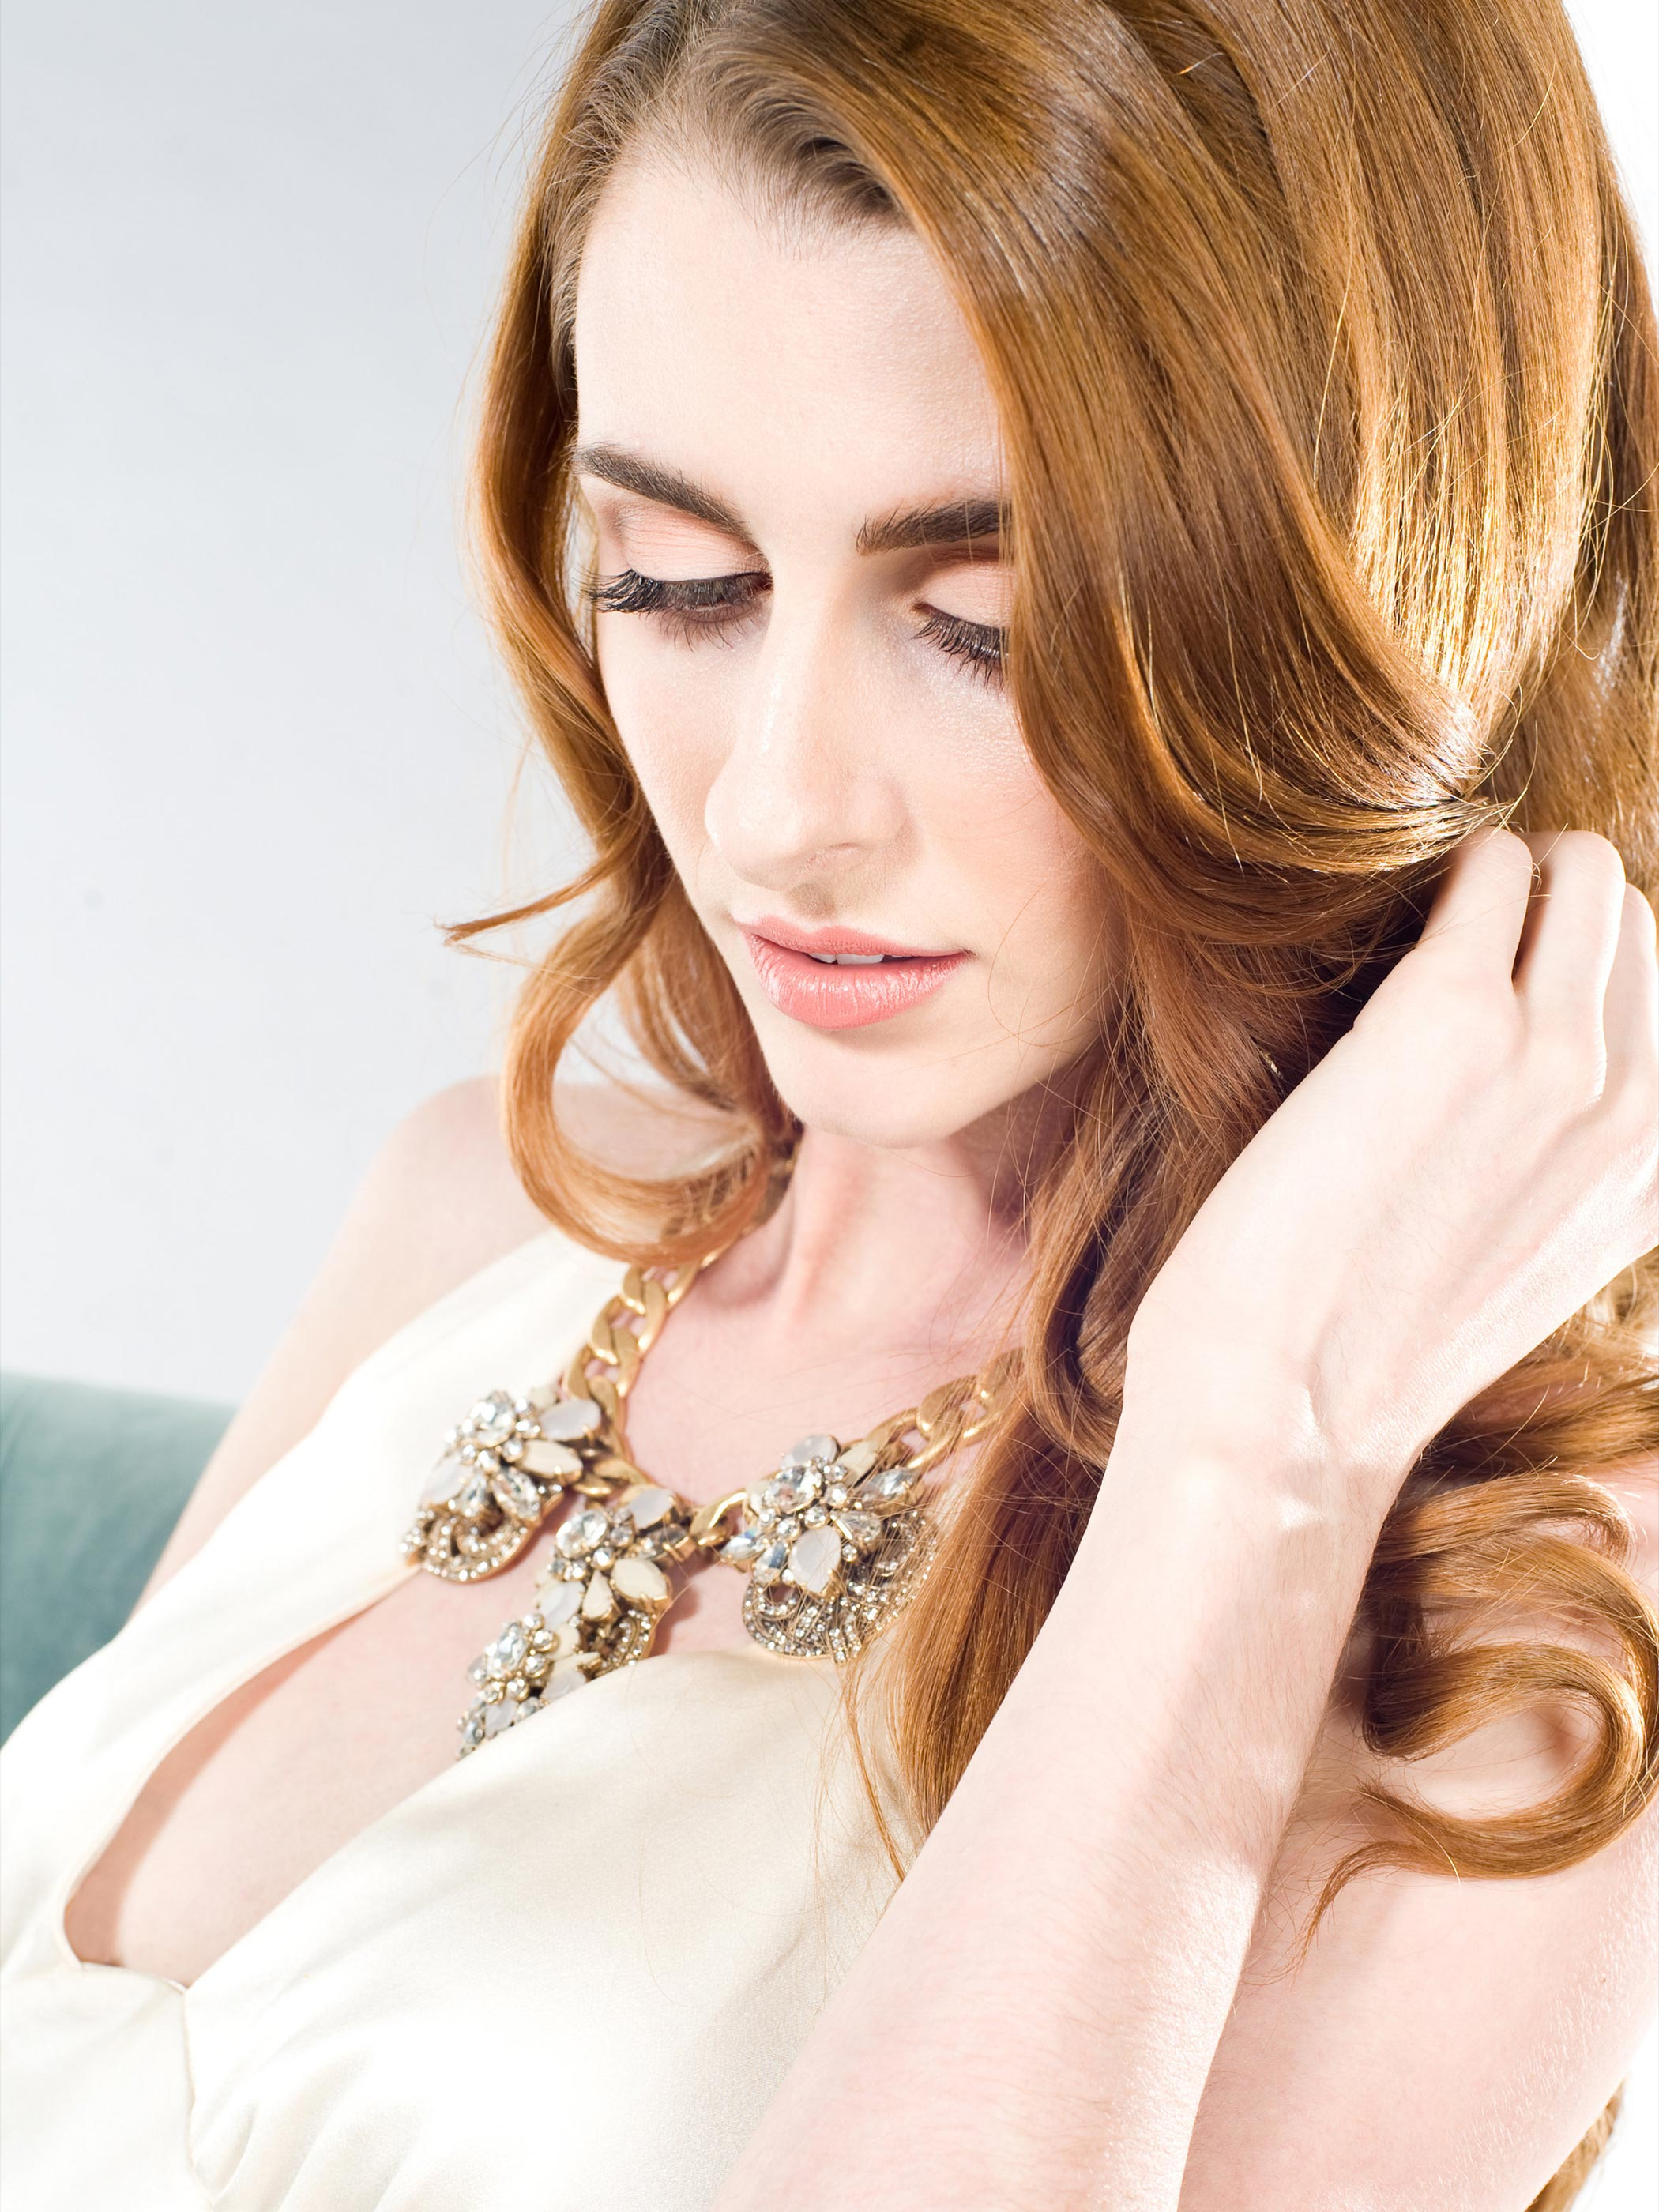 Redhead-20s-Bride